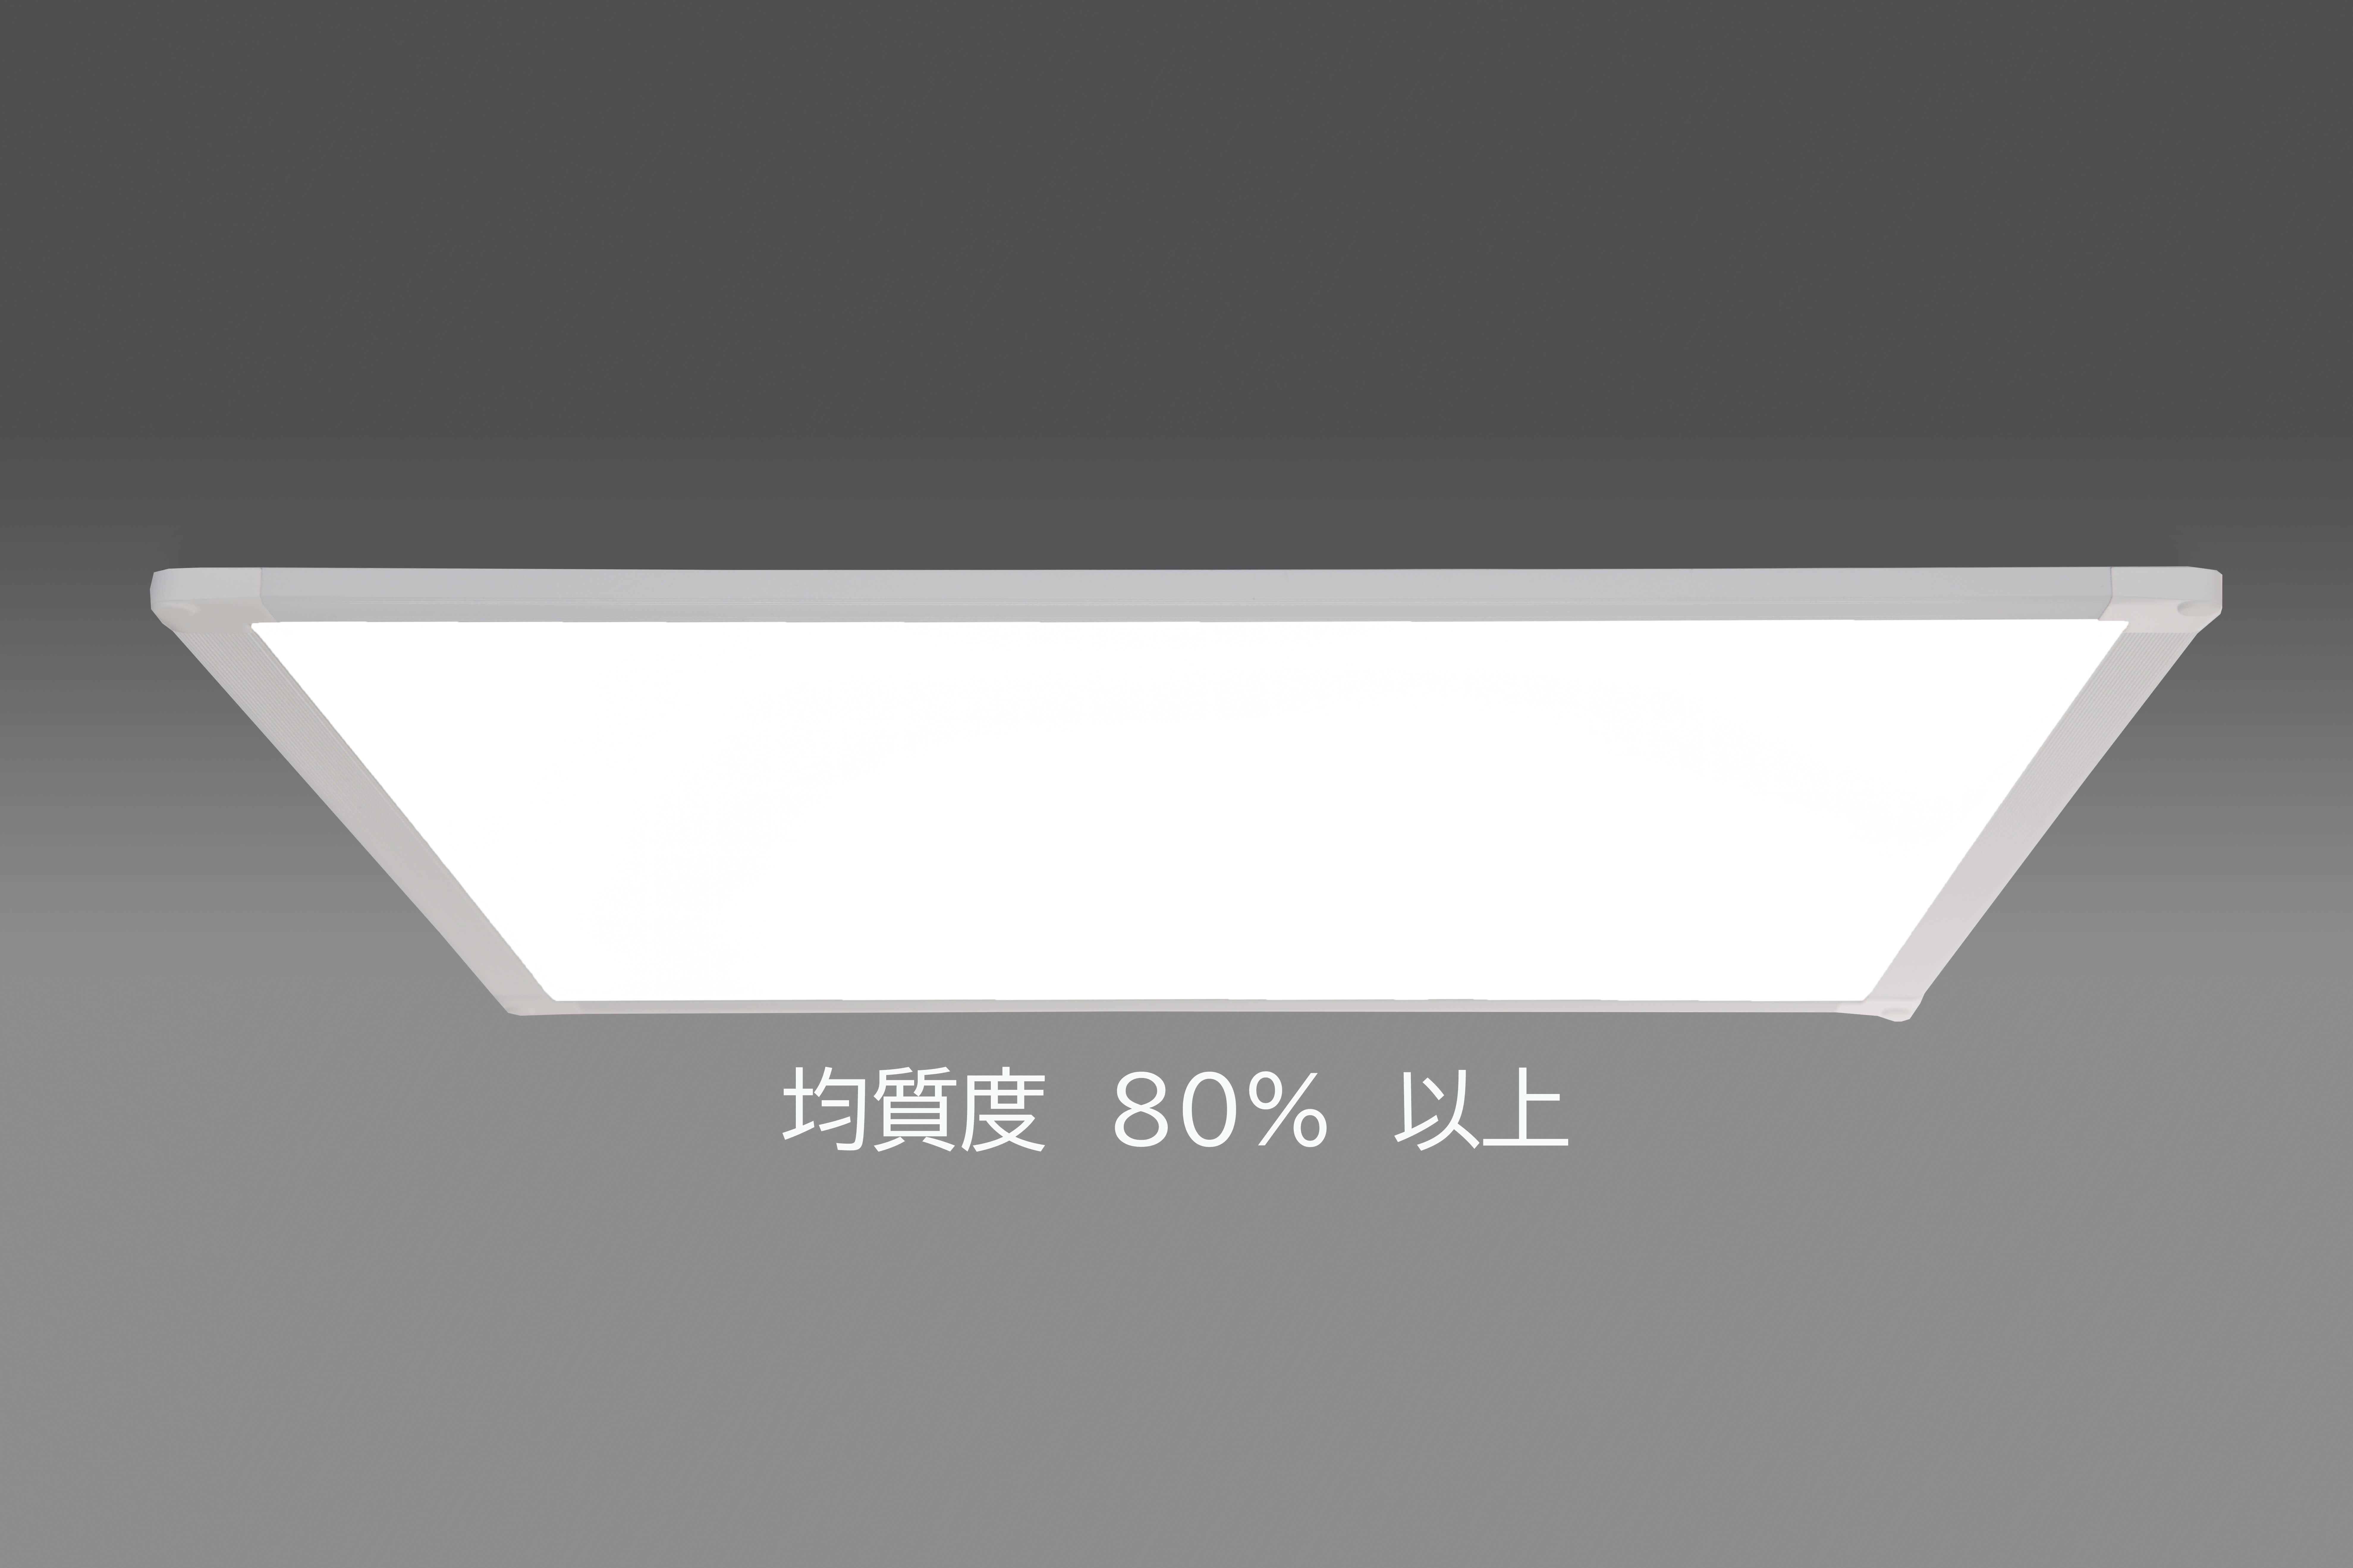 超薄型ベースライトの特長